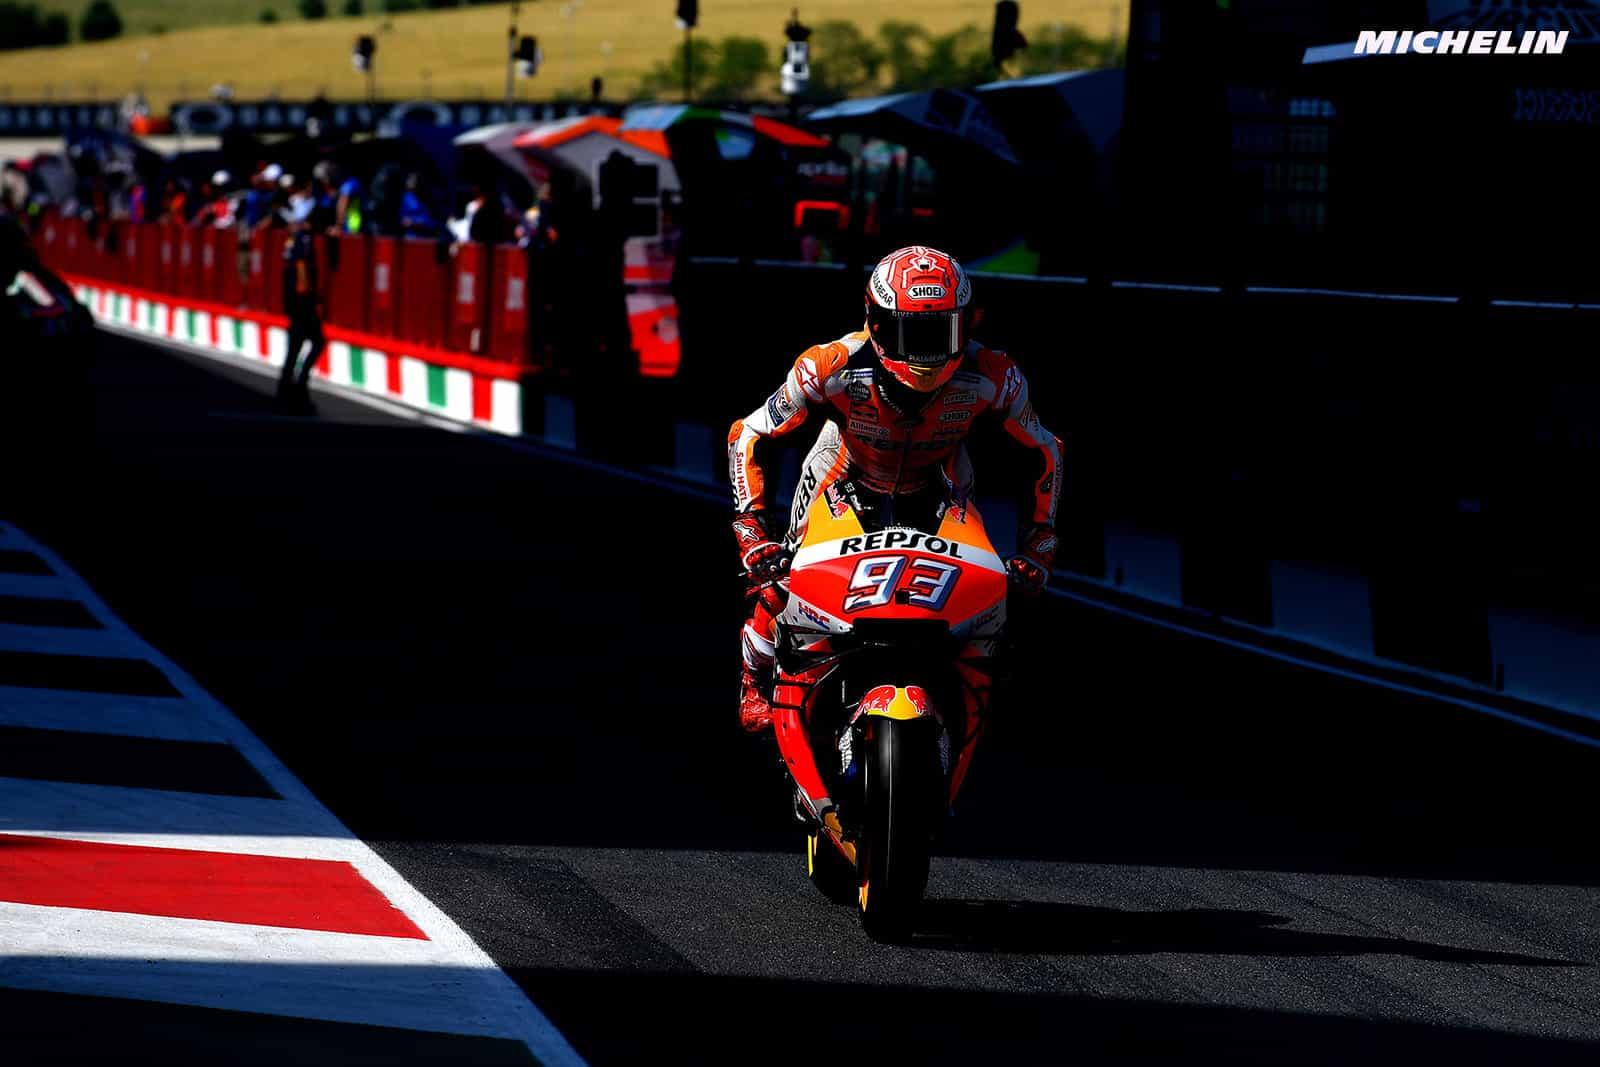 MotoGP2019カタルーニャGP マルク・マルケス「バイクも自分も良い状態にある」